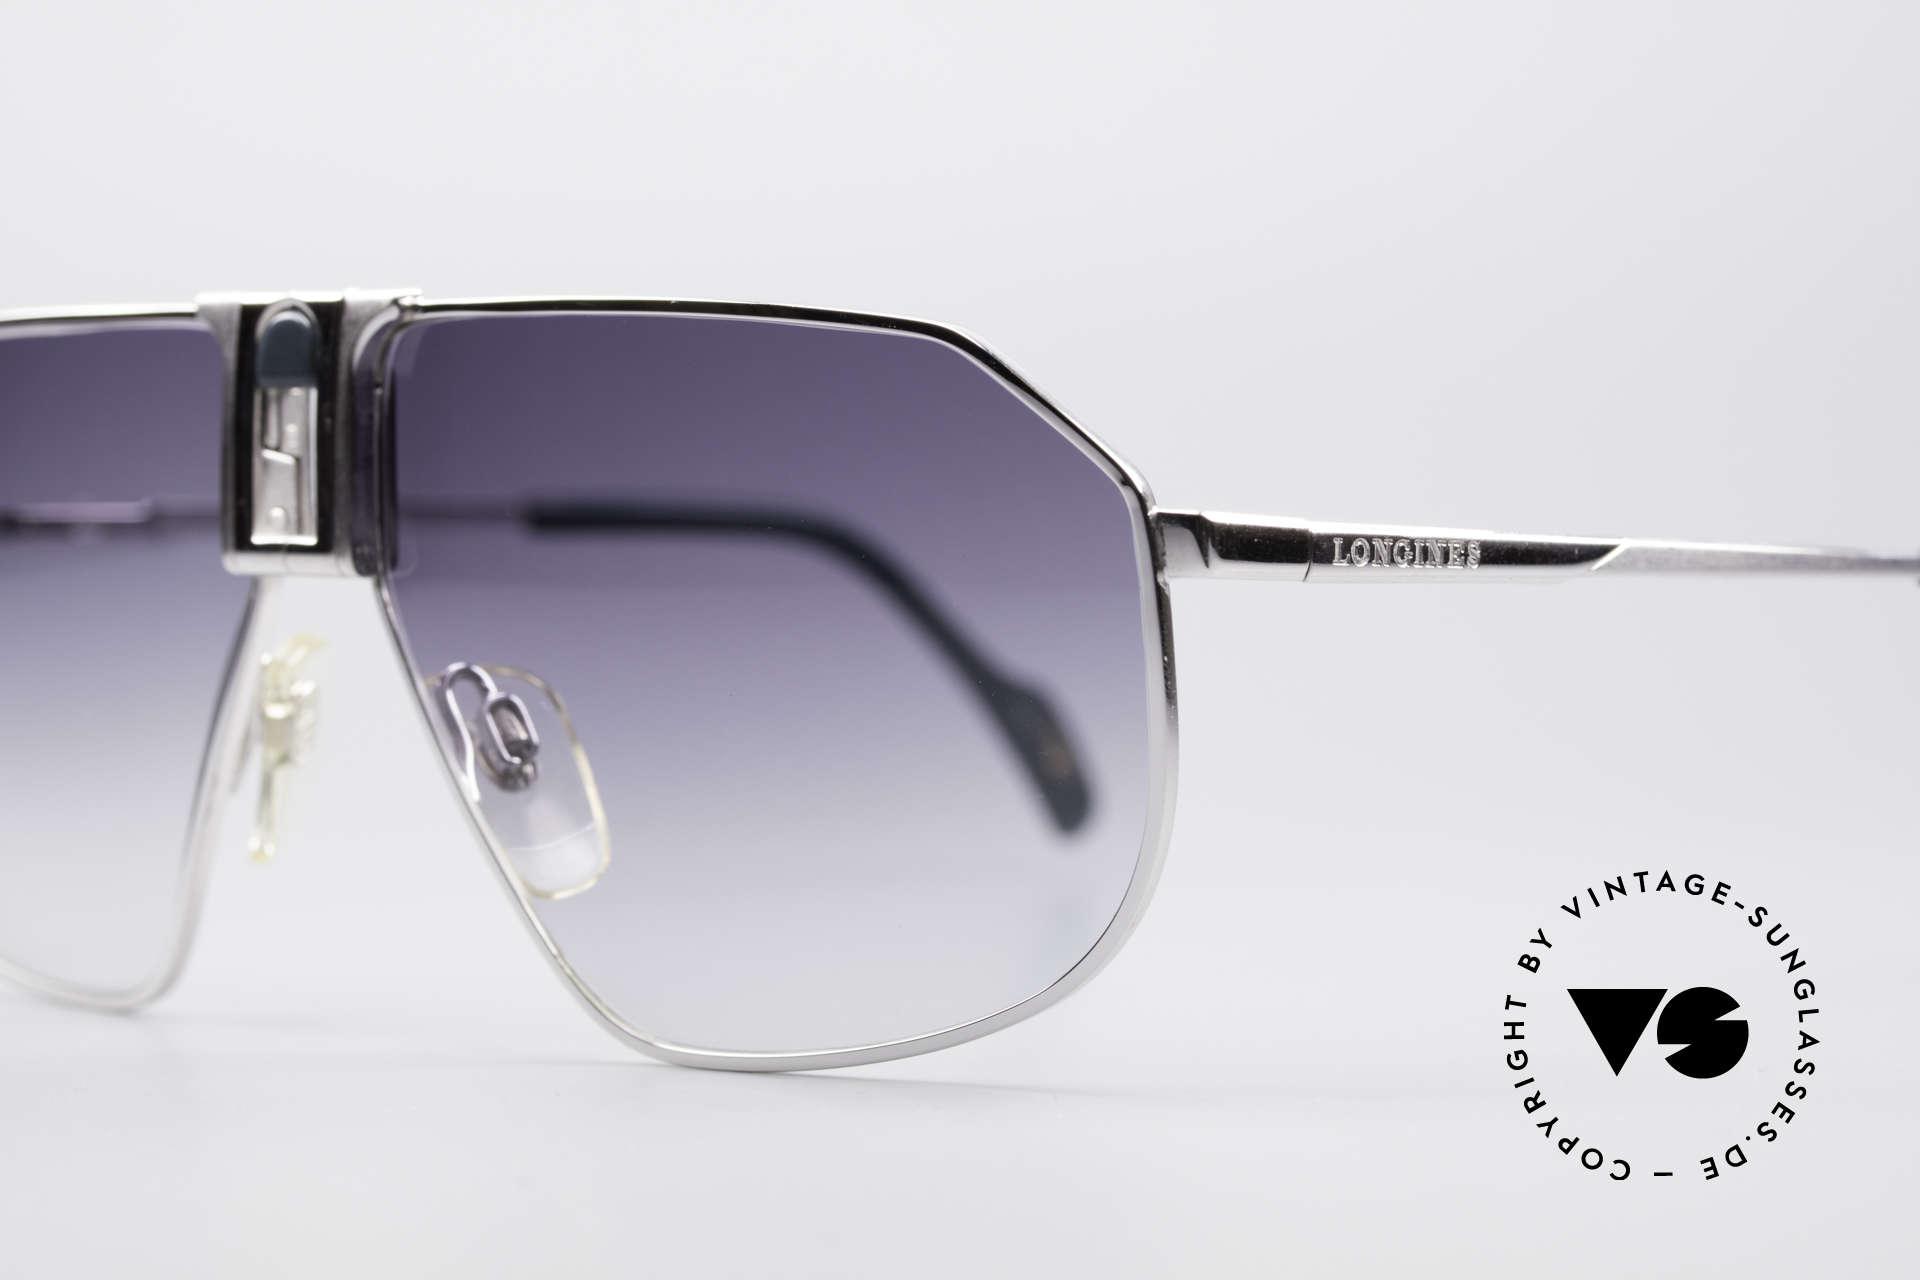 Longines 0153 Large Vintage Sonnenbrille, L-Größe (140mm breit) und mit GENTA Lederetui, Passend für Herren